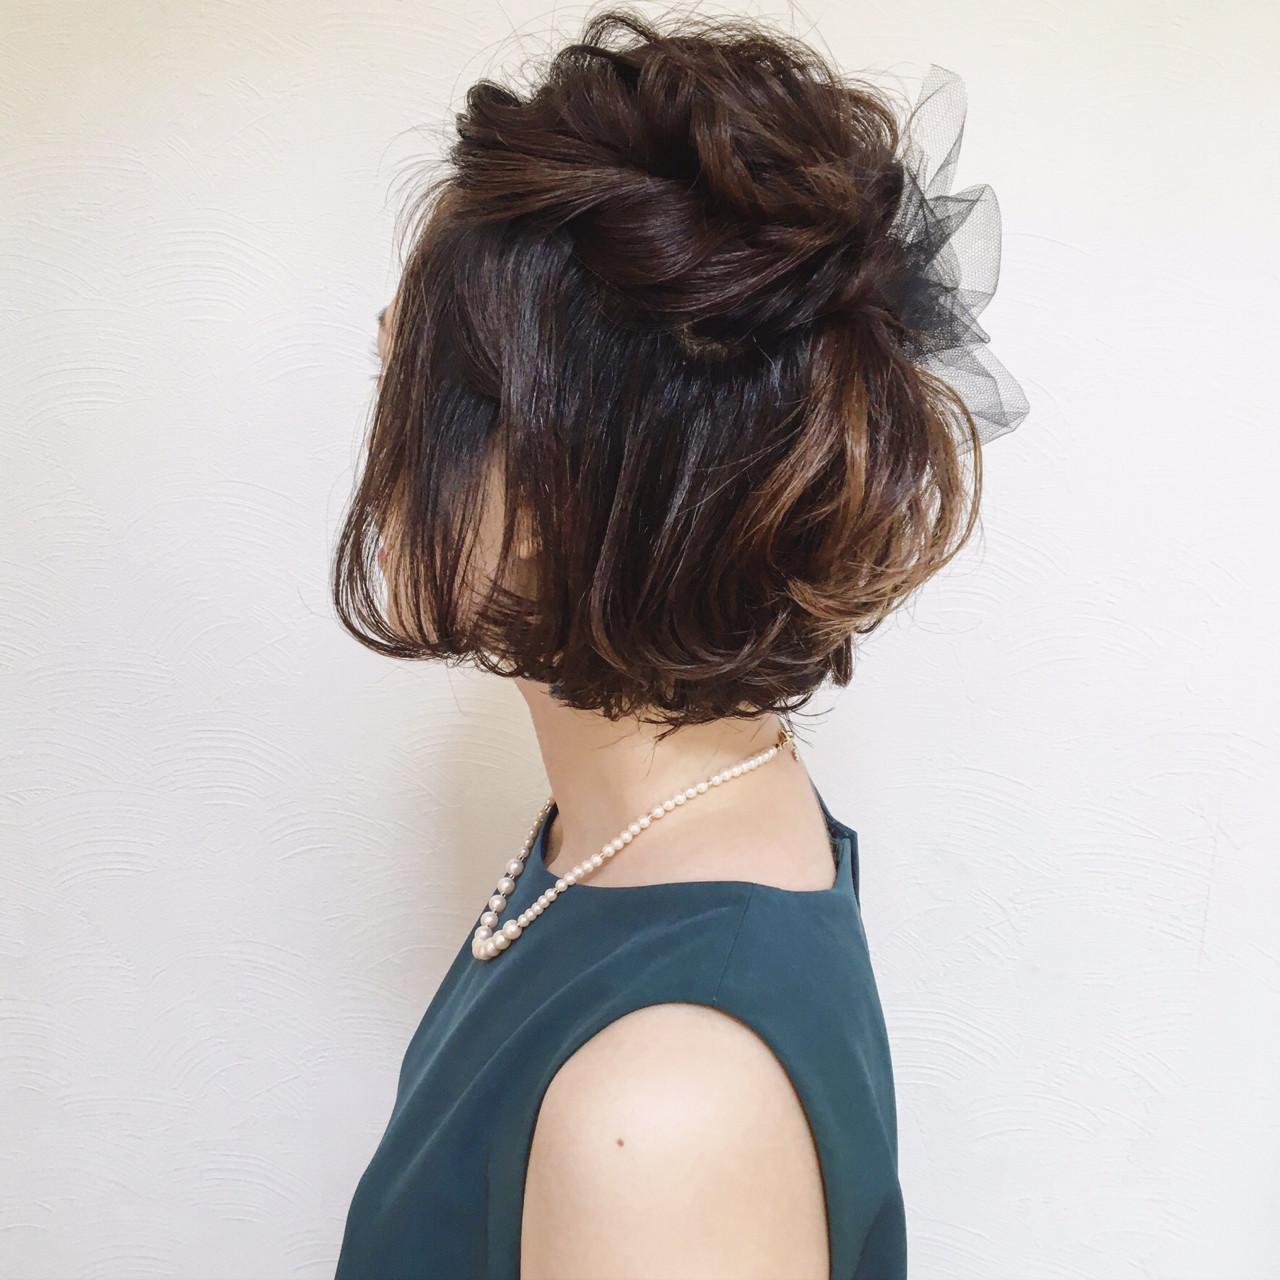 結婚式におすすめ ショートヘアのアレンジ方法をご紹介 Hair